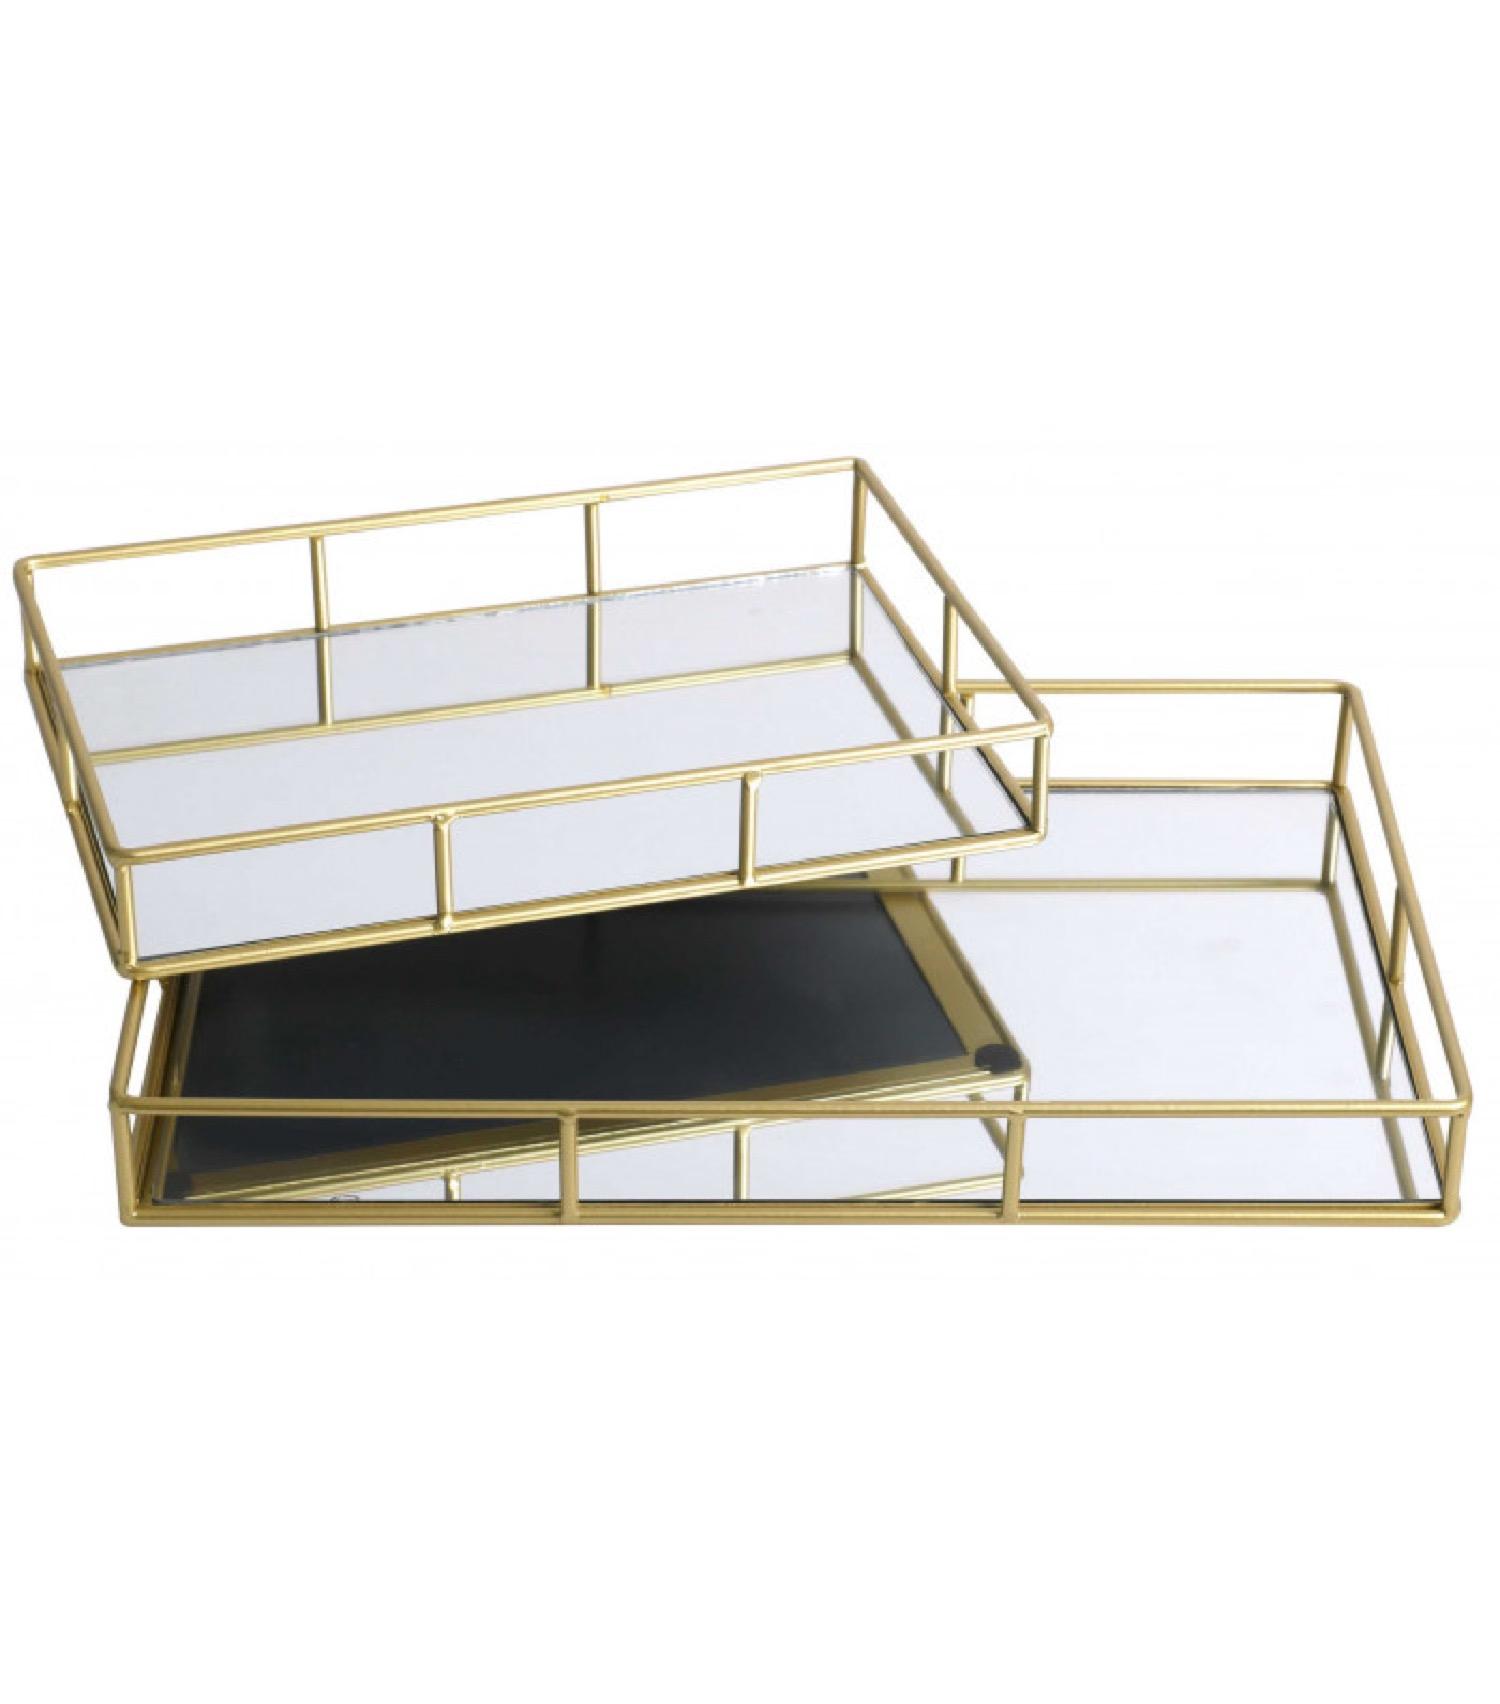 Set de 2 plateaux en métal doré et miroir rectangulaires 40x25x5cm